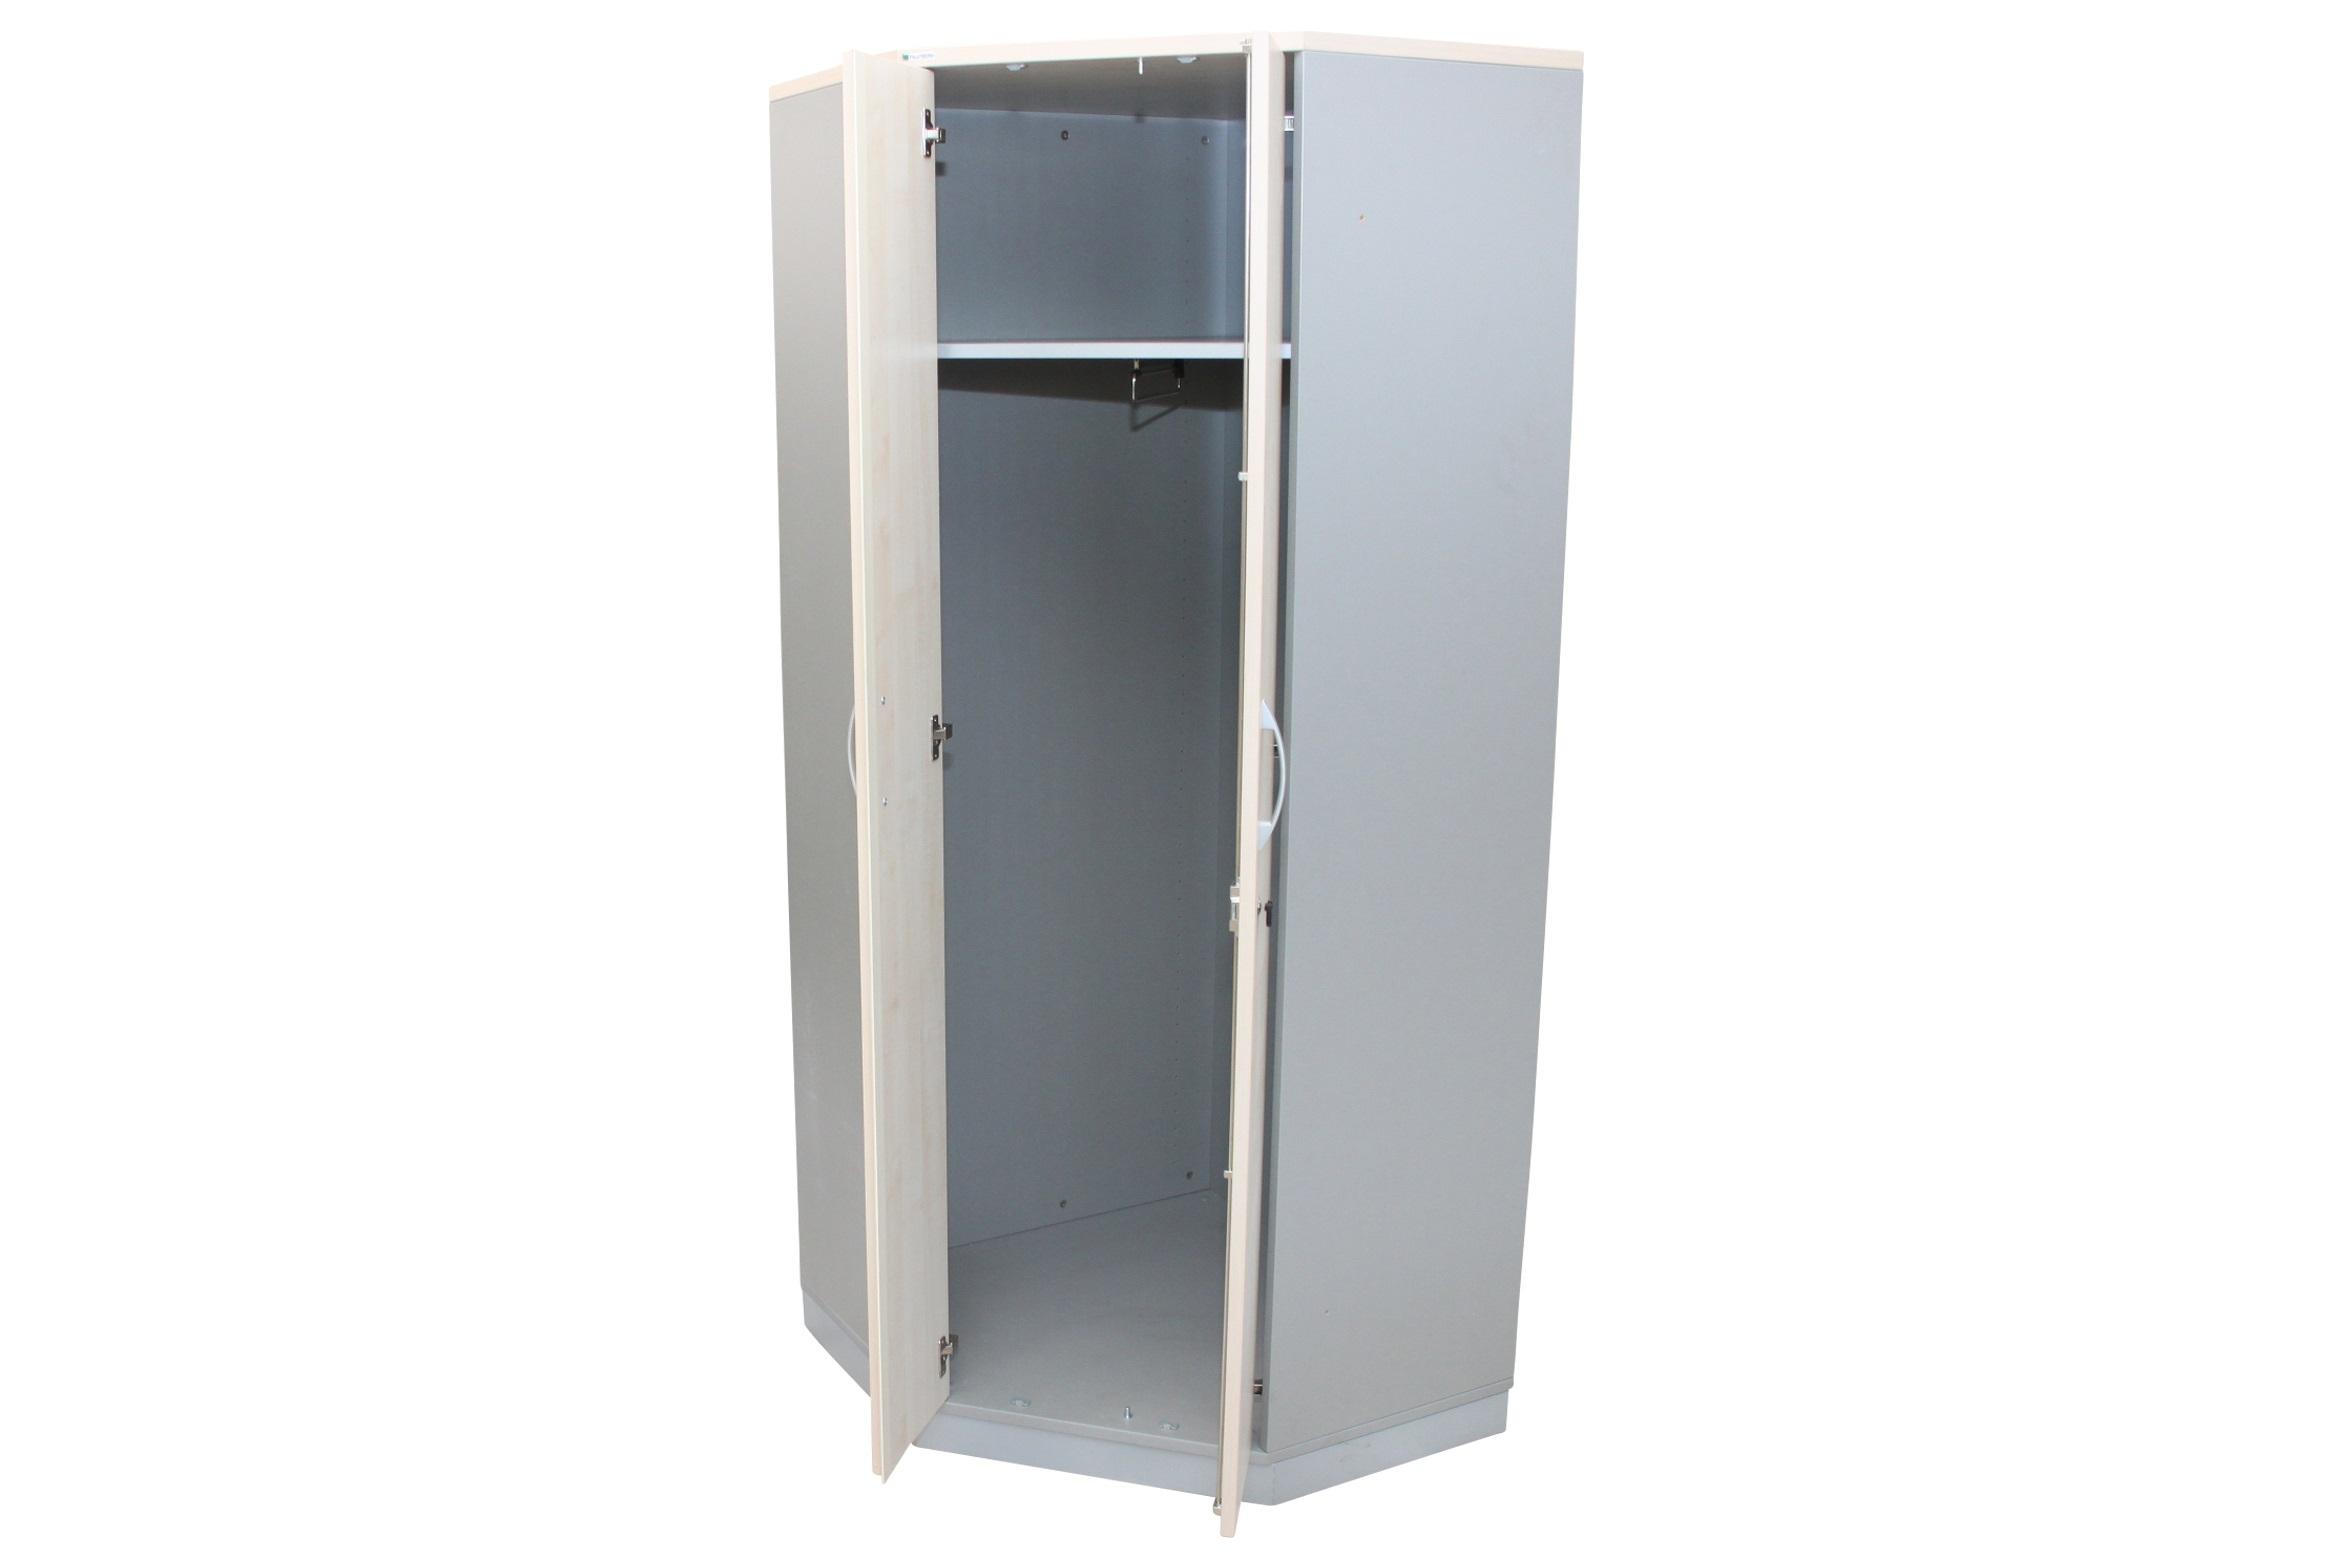 Palmberg Gebrauchter Garderobenschrank Hervorragender Zustand